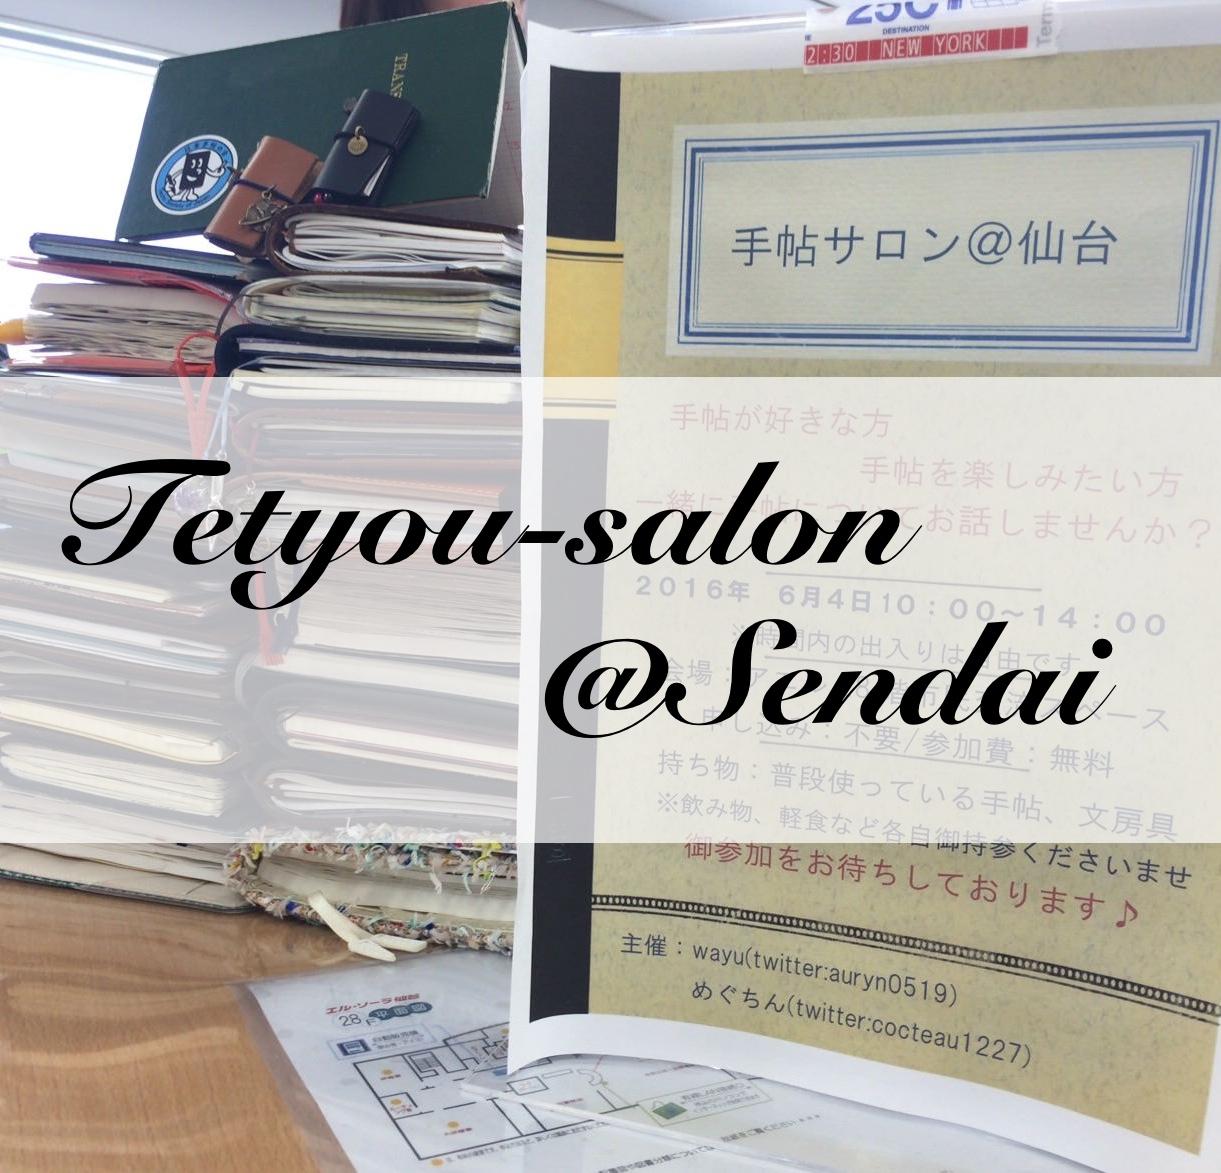 手帖サロン@仙台。みんなの手帳を見ればきっと広がる可能性がそこにはある。